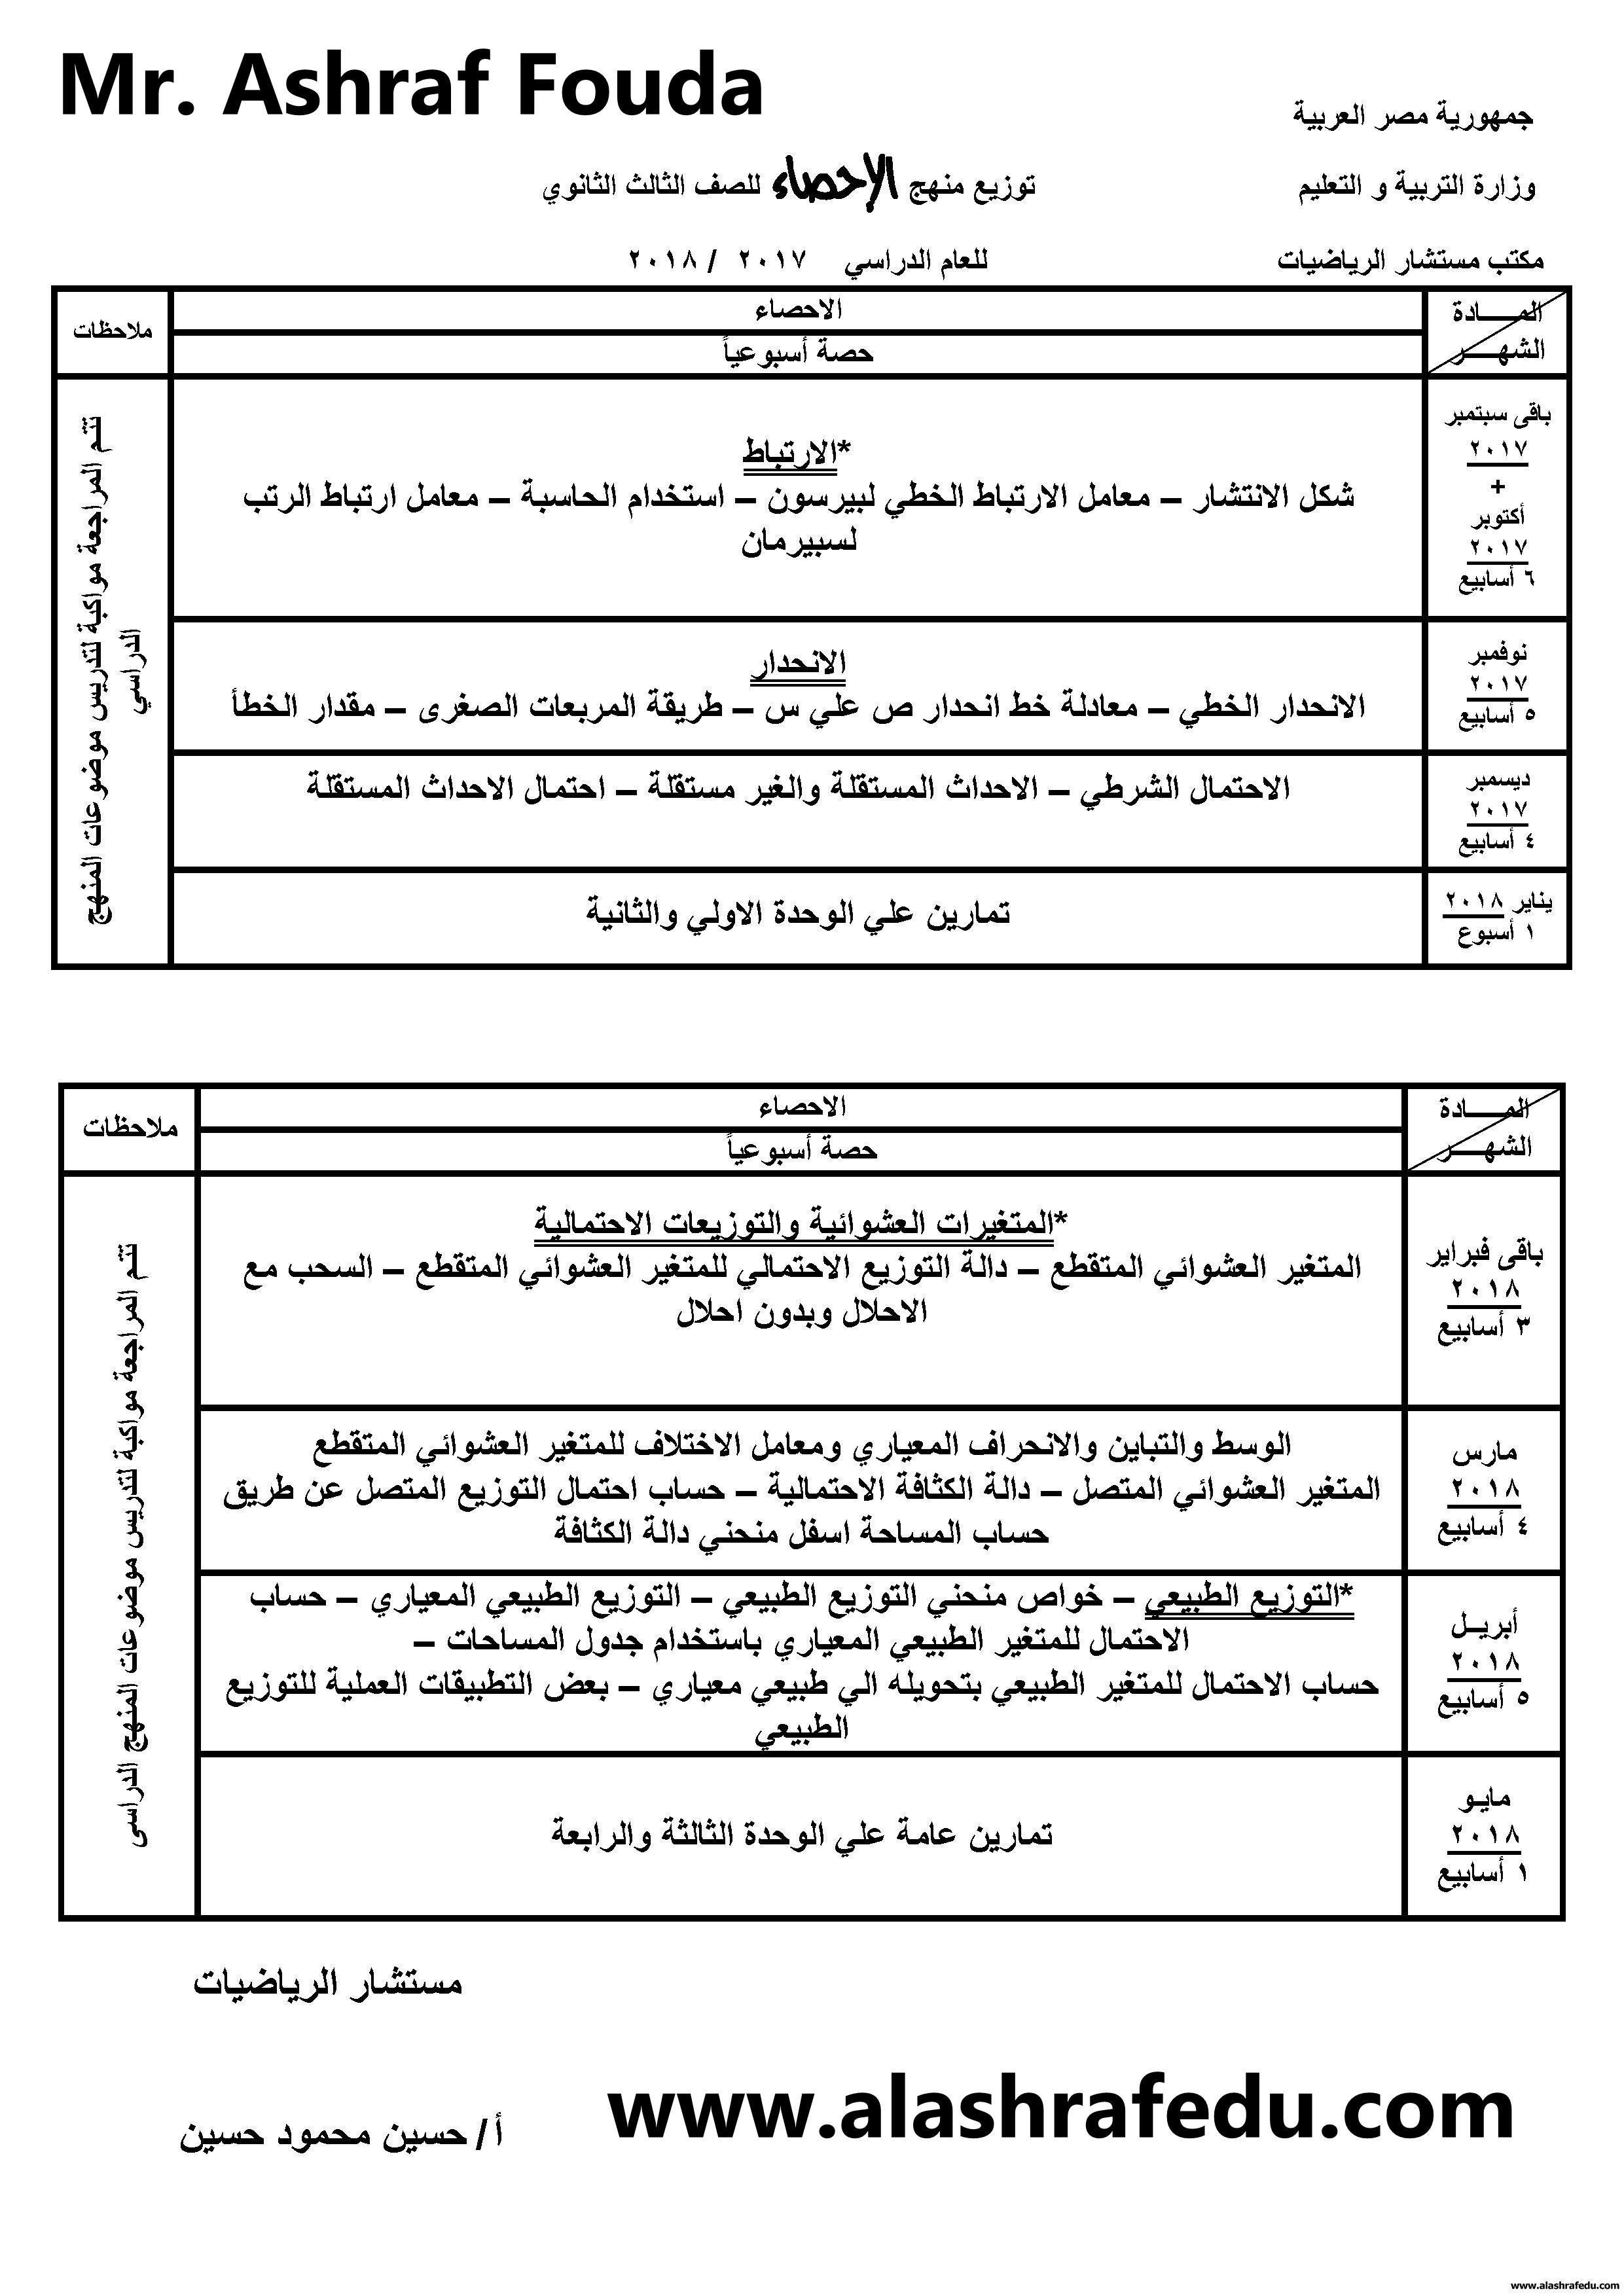 توزيع منهج الرياضيات الأحصاء 2018 www.alashrafedu.com1